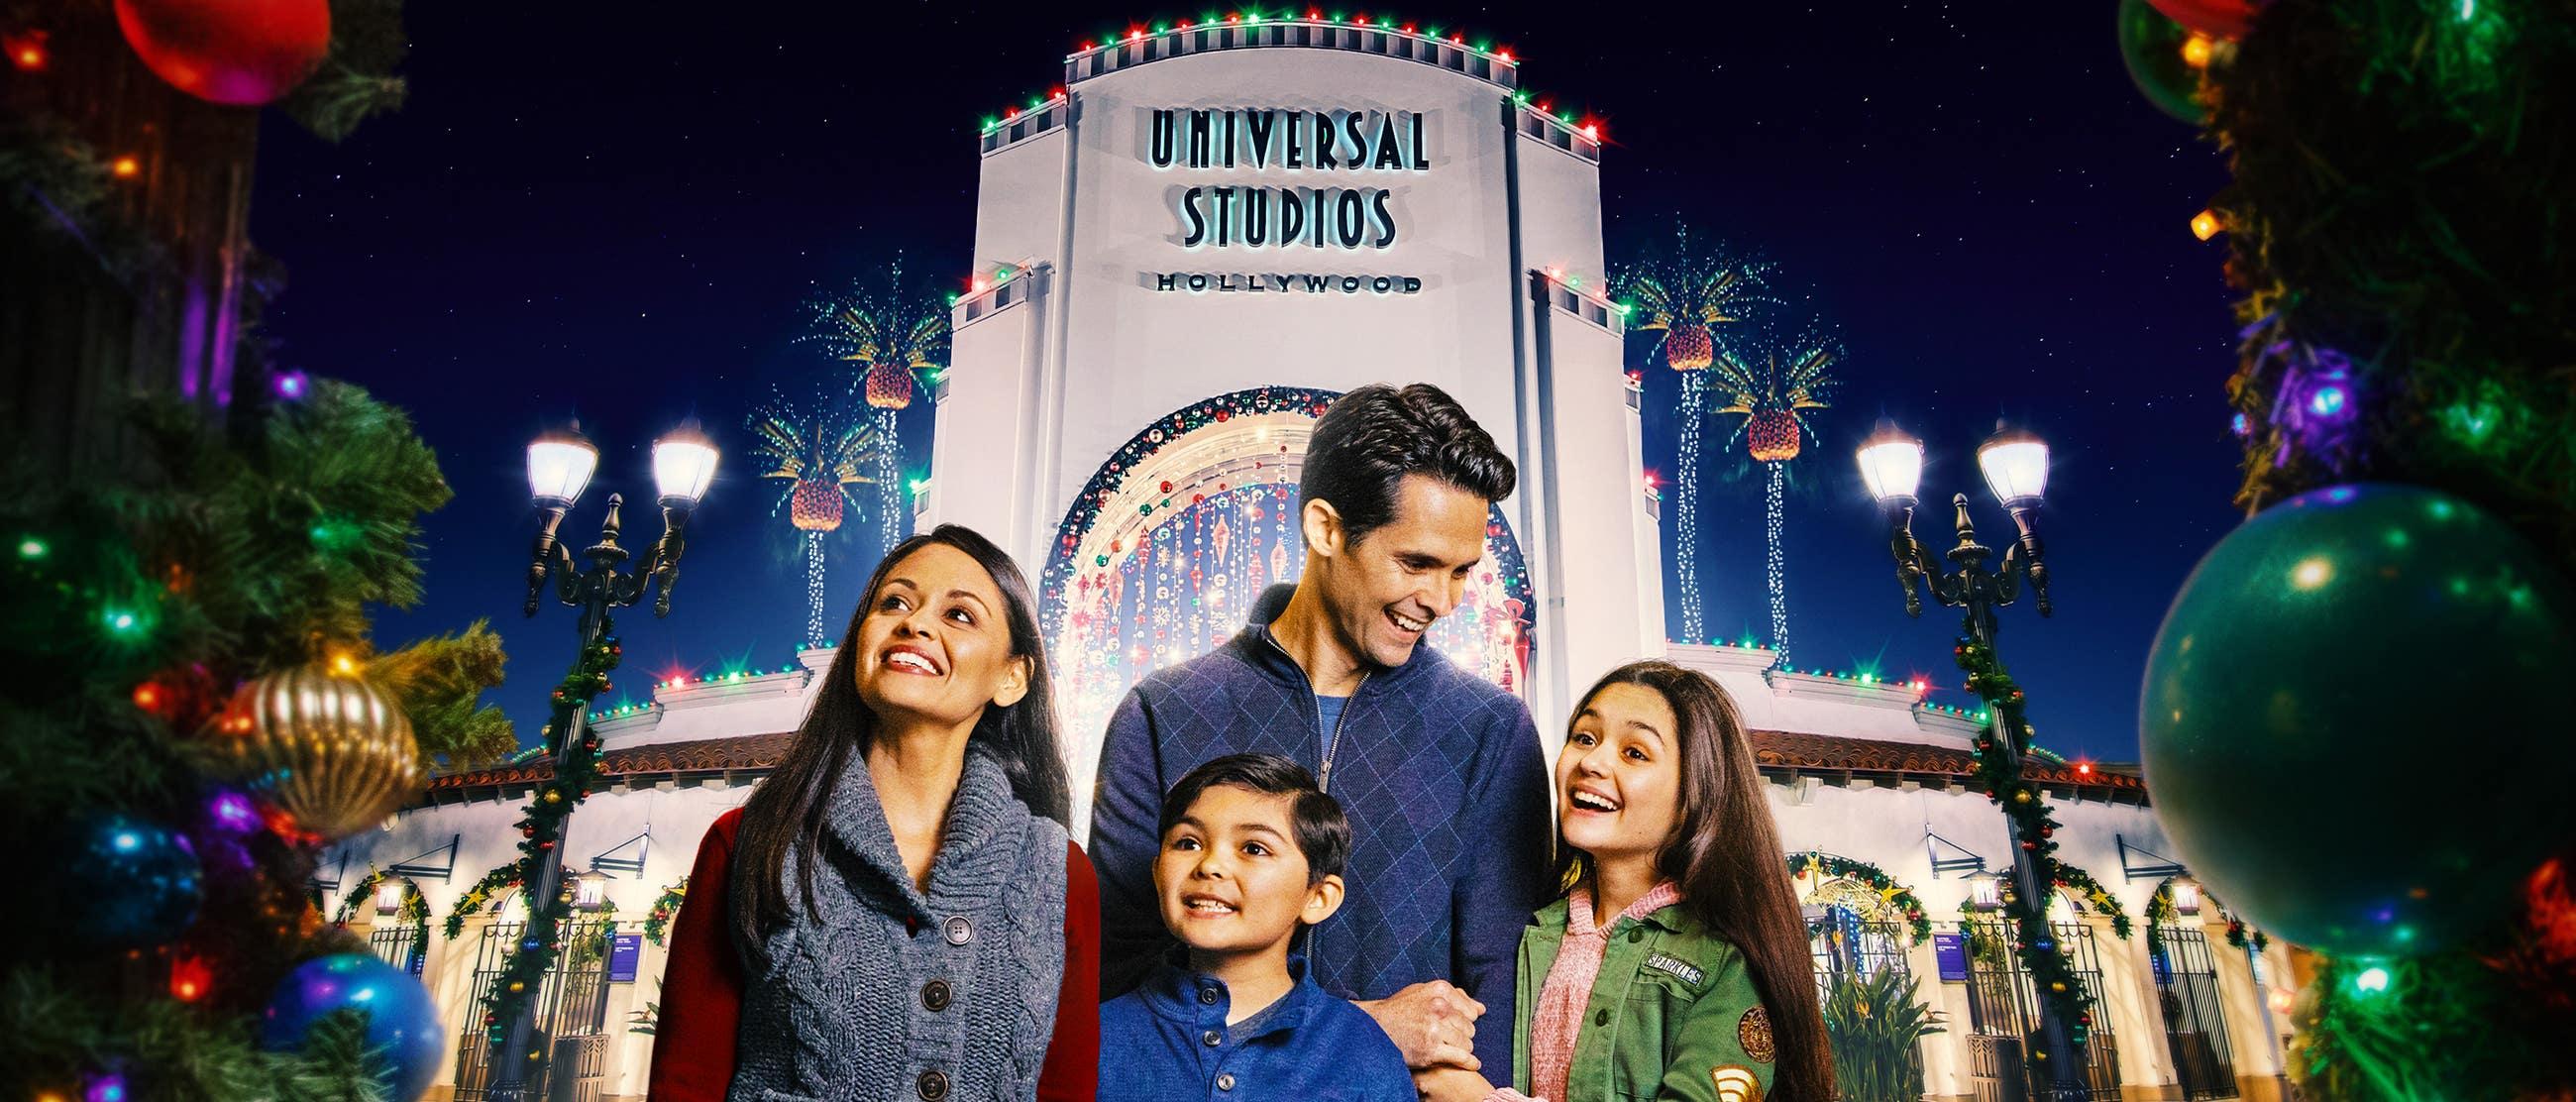 Holidays 2019 at Universal Studios Hollywood